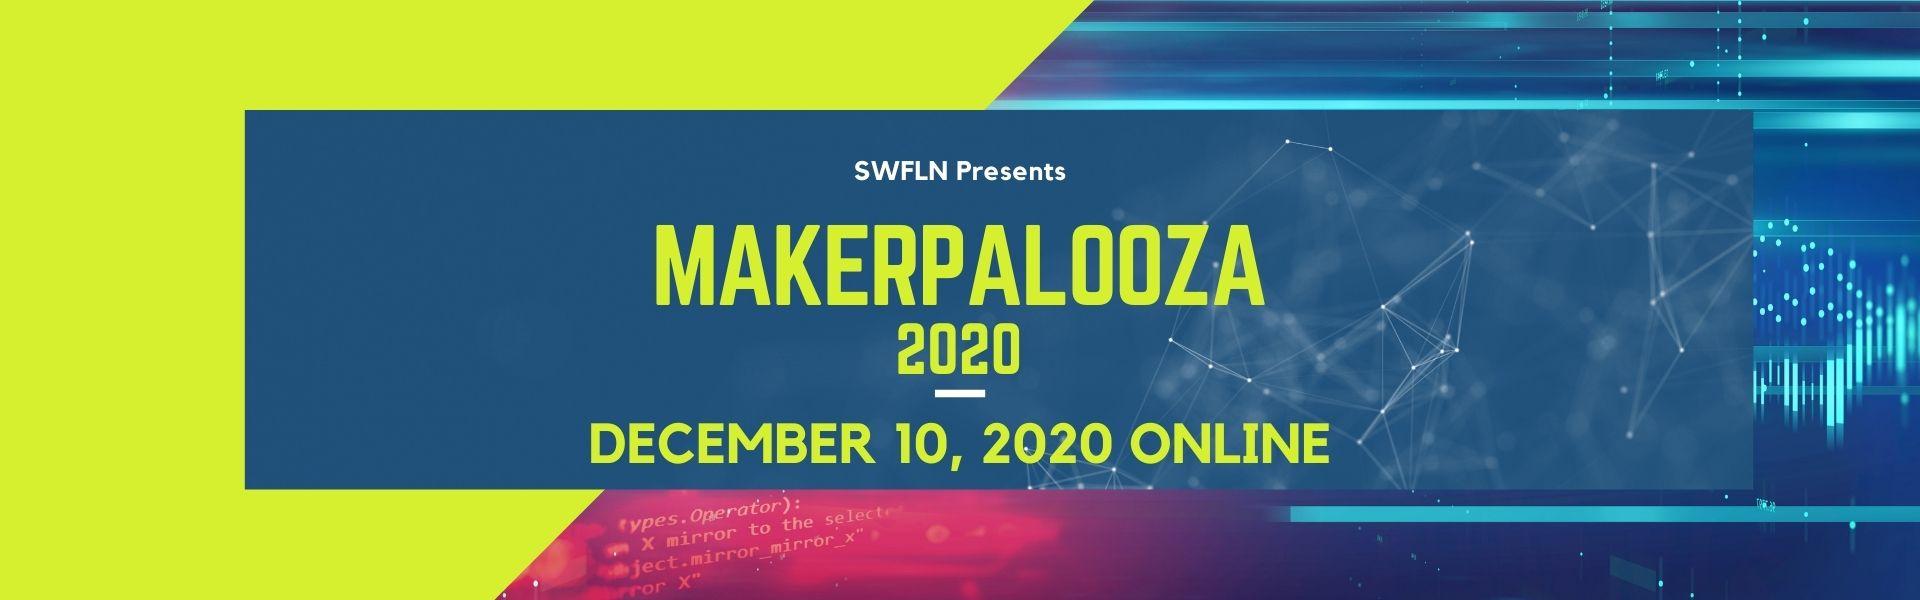 makerpalooza 2020 Logo